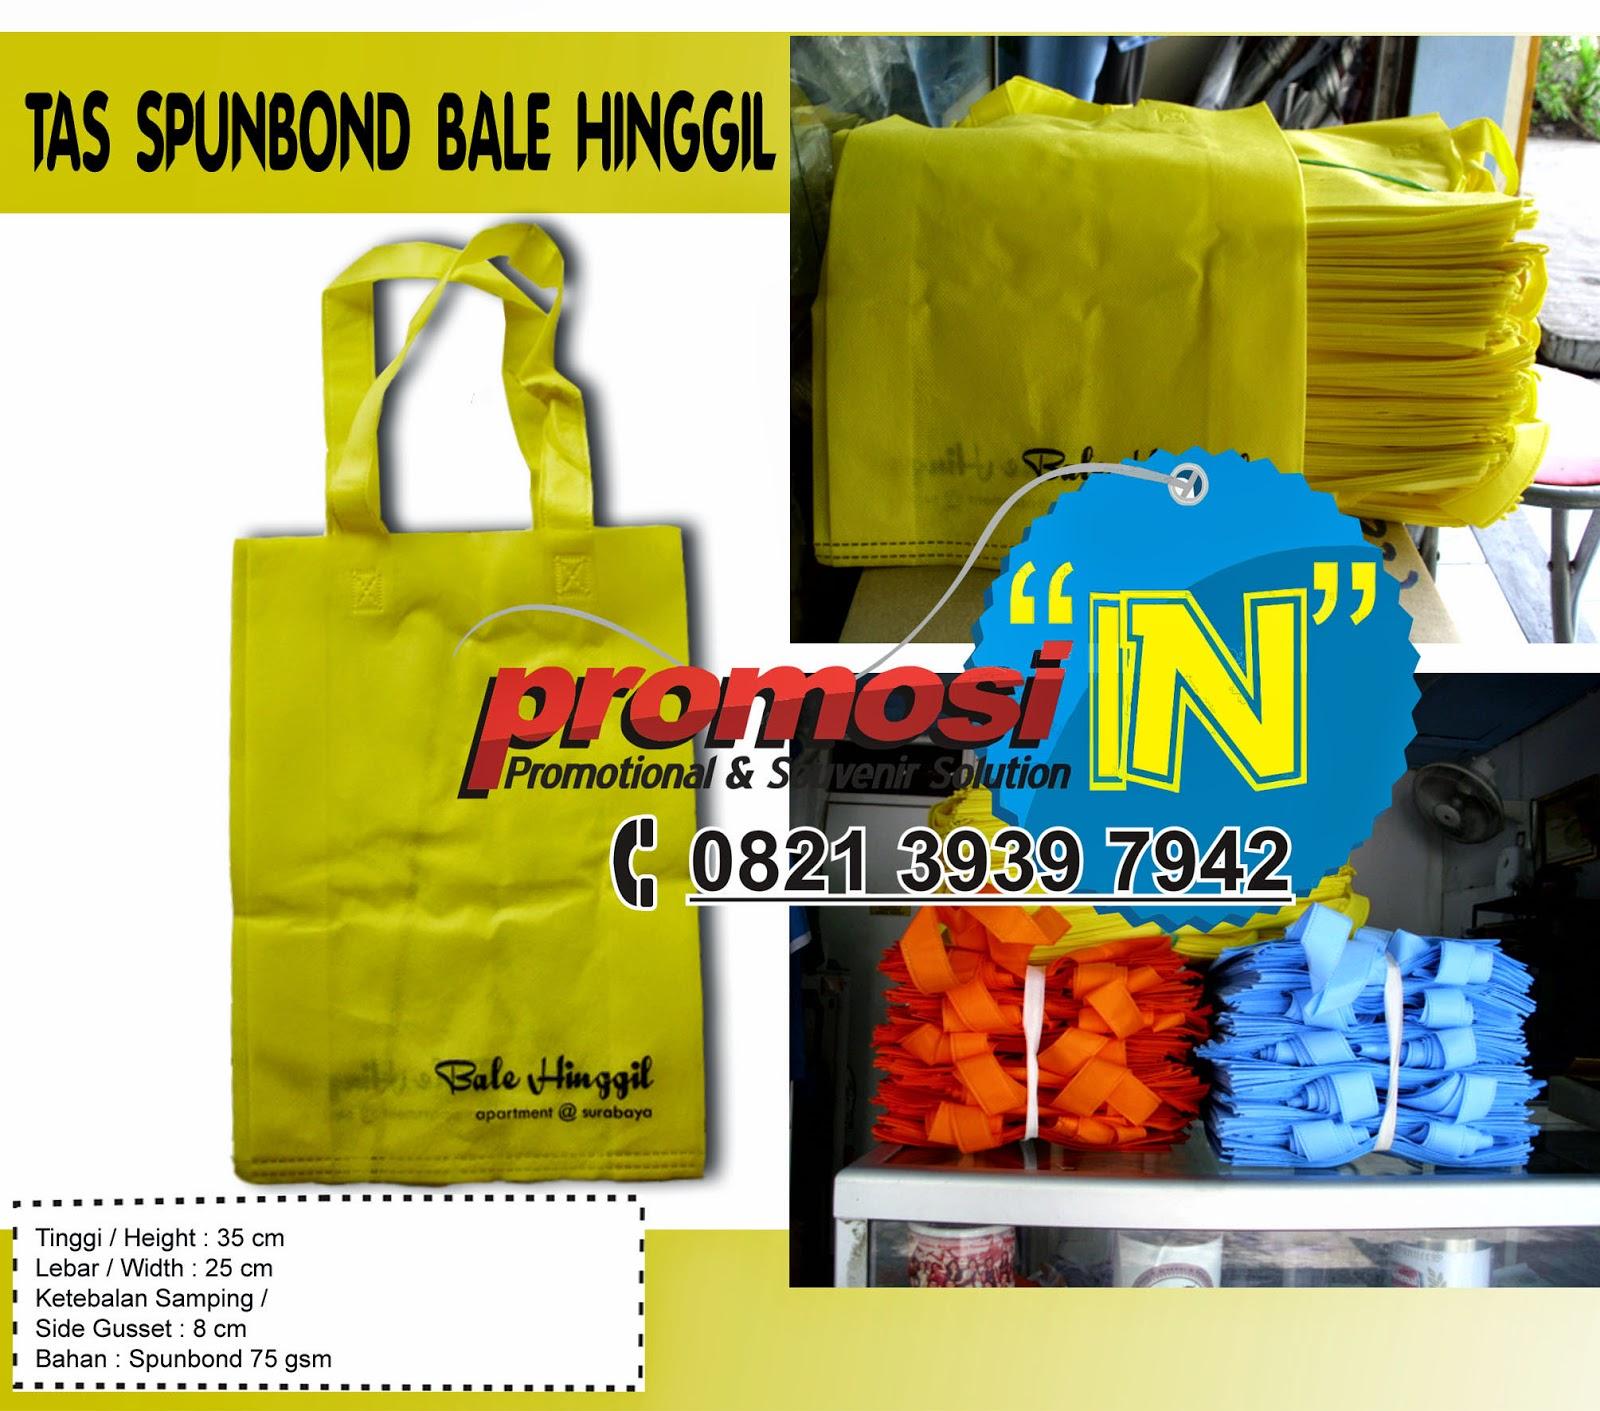 Tas Spunbond, Grosir  Tas Spunbond Surabaya, Tas Spunbond Online, Pabrik Tas Spunbond